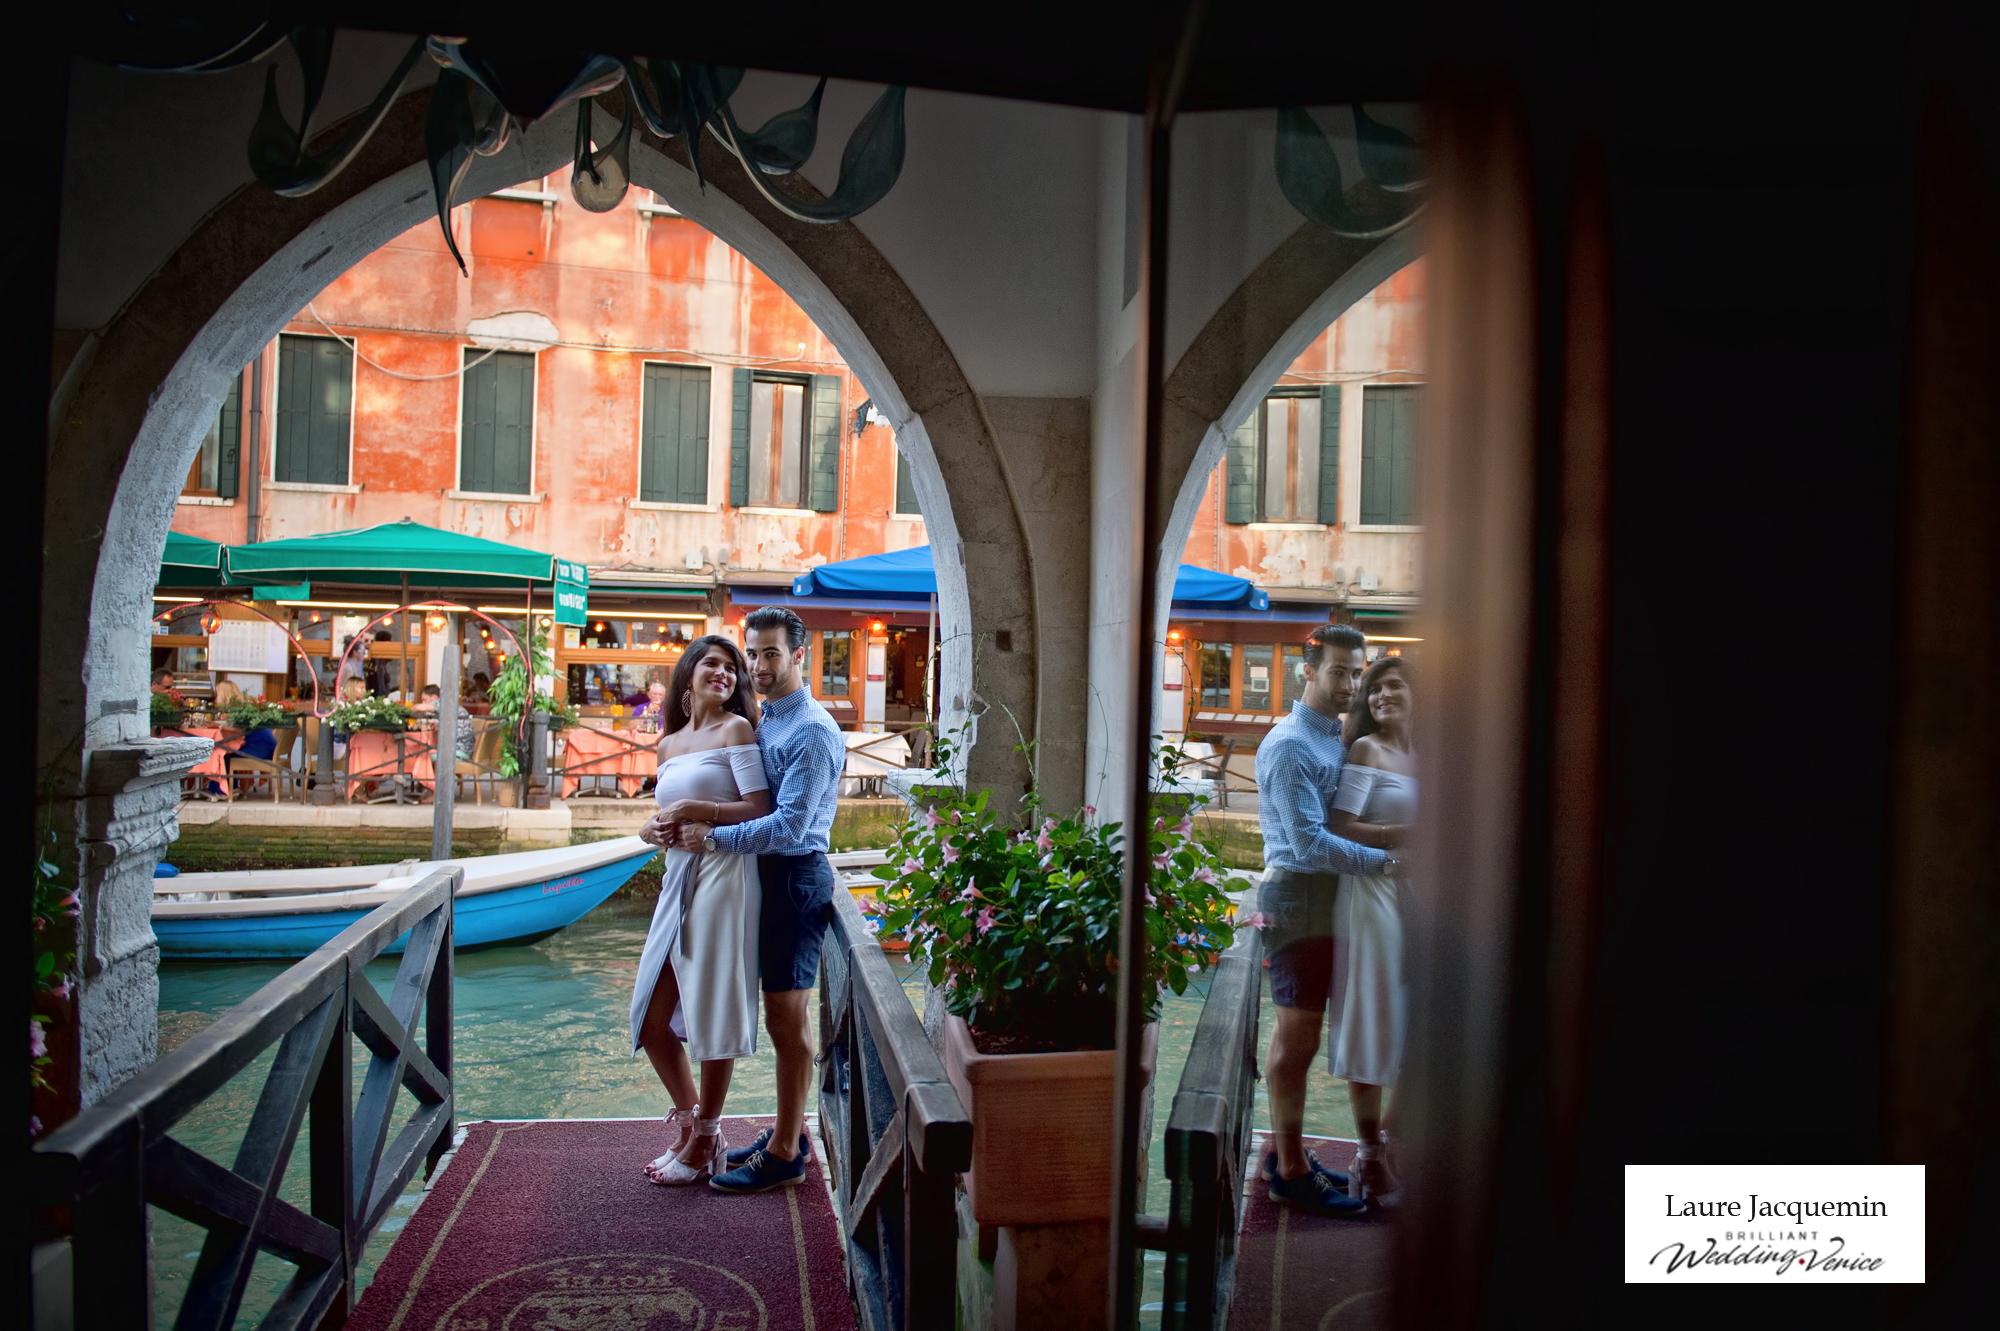 venise gondole banner fiancaille photographe demande mariage laure jacquemin (51)